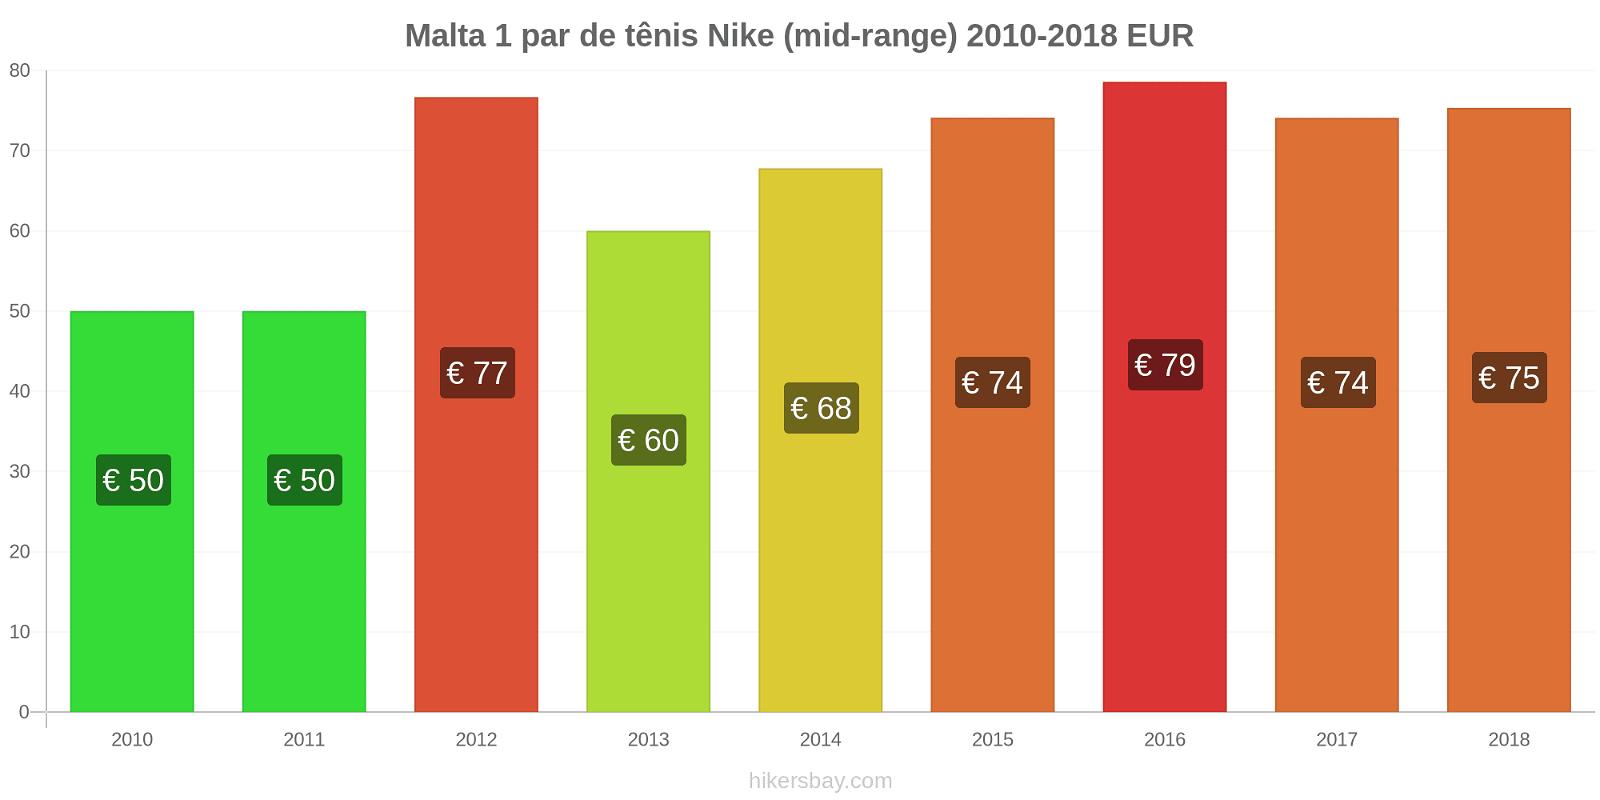 Malta variação de preço 1 par de tênis Nike (mid-range) hikersbay.com